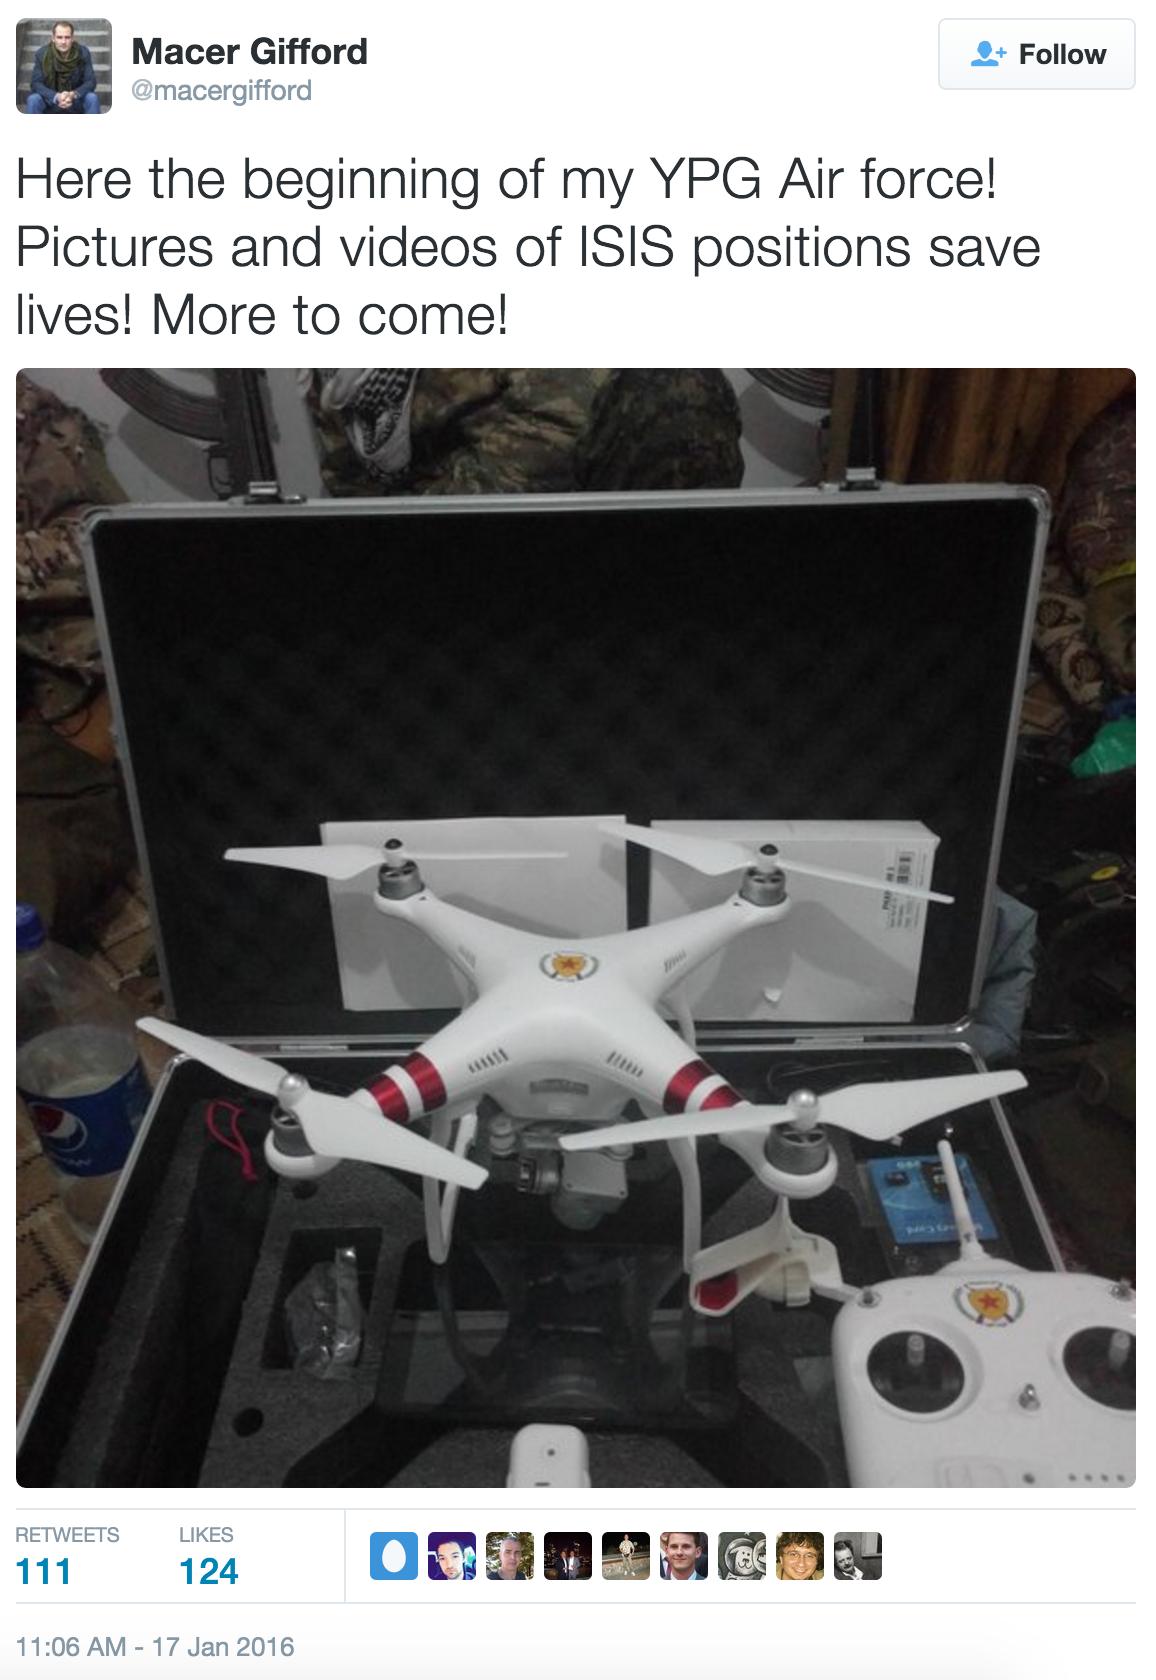 Drone Tweet